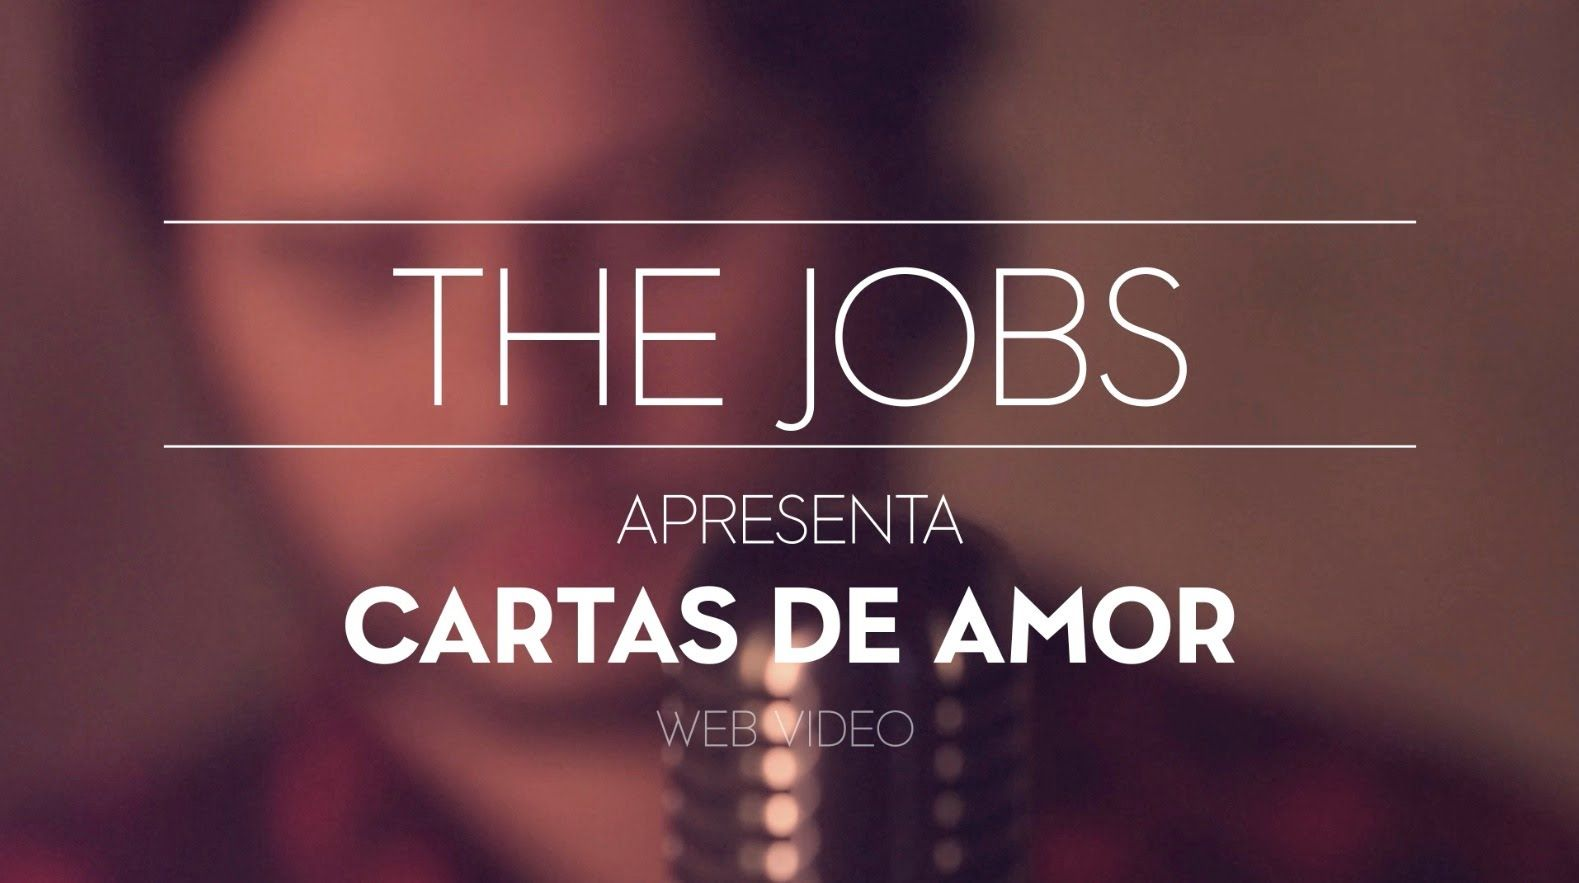 THE JOBS - CARTAS DE AMOR (Web Video)